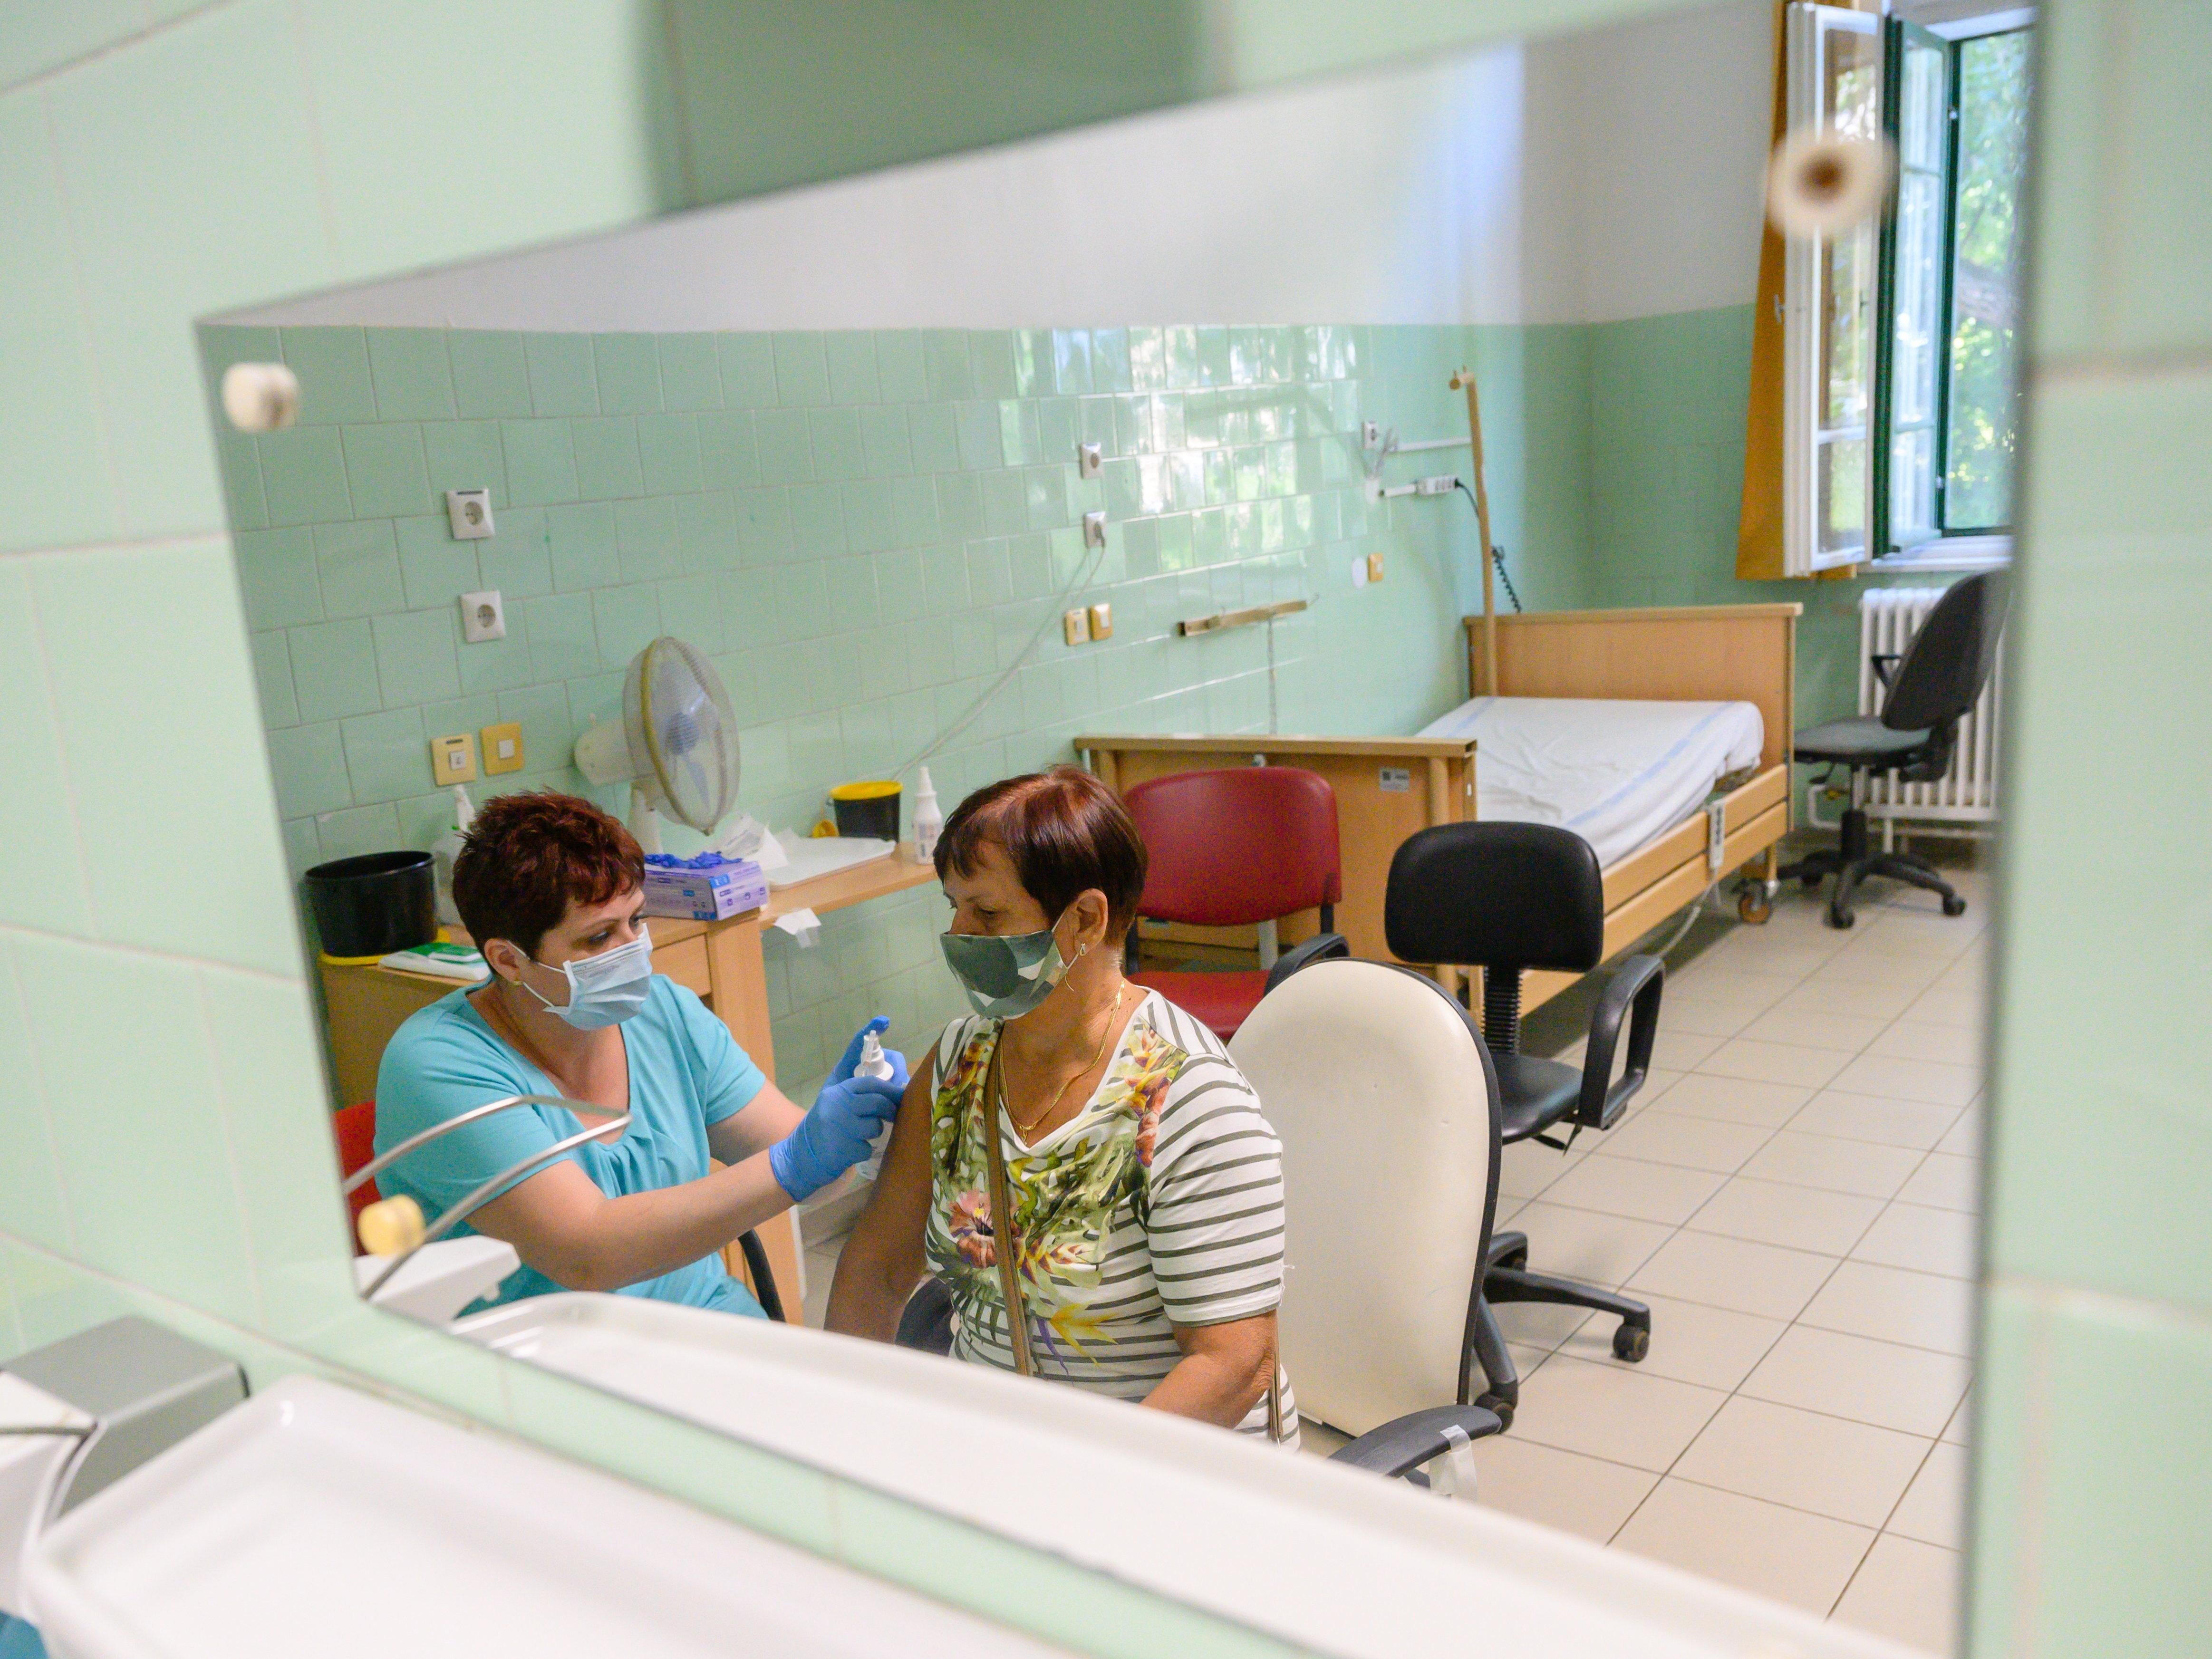 Duda Ernő virológus: Egy-két hét alatt kialakulhat a katasztrófahelyzet